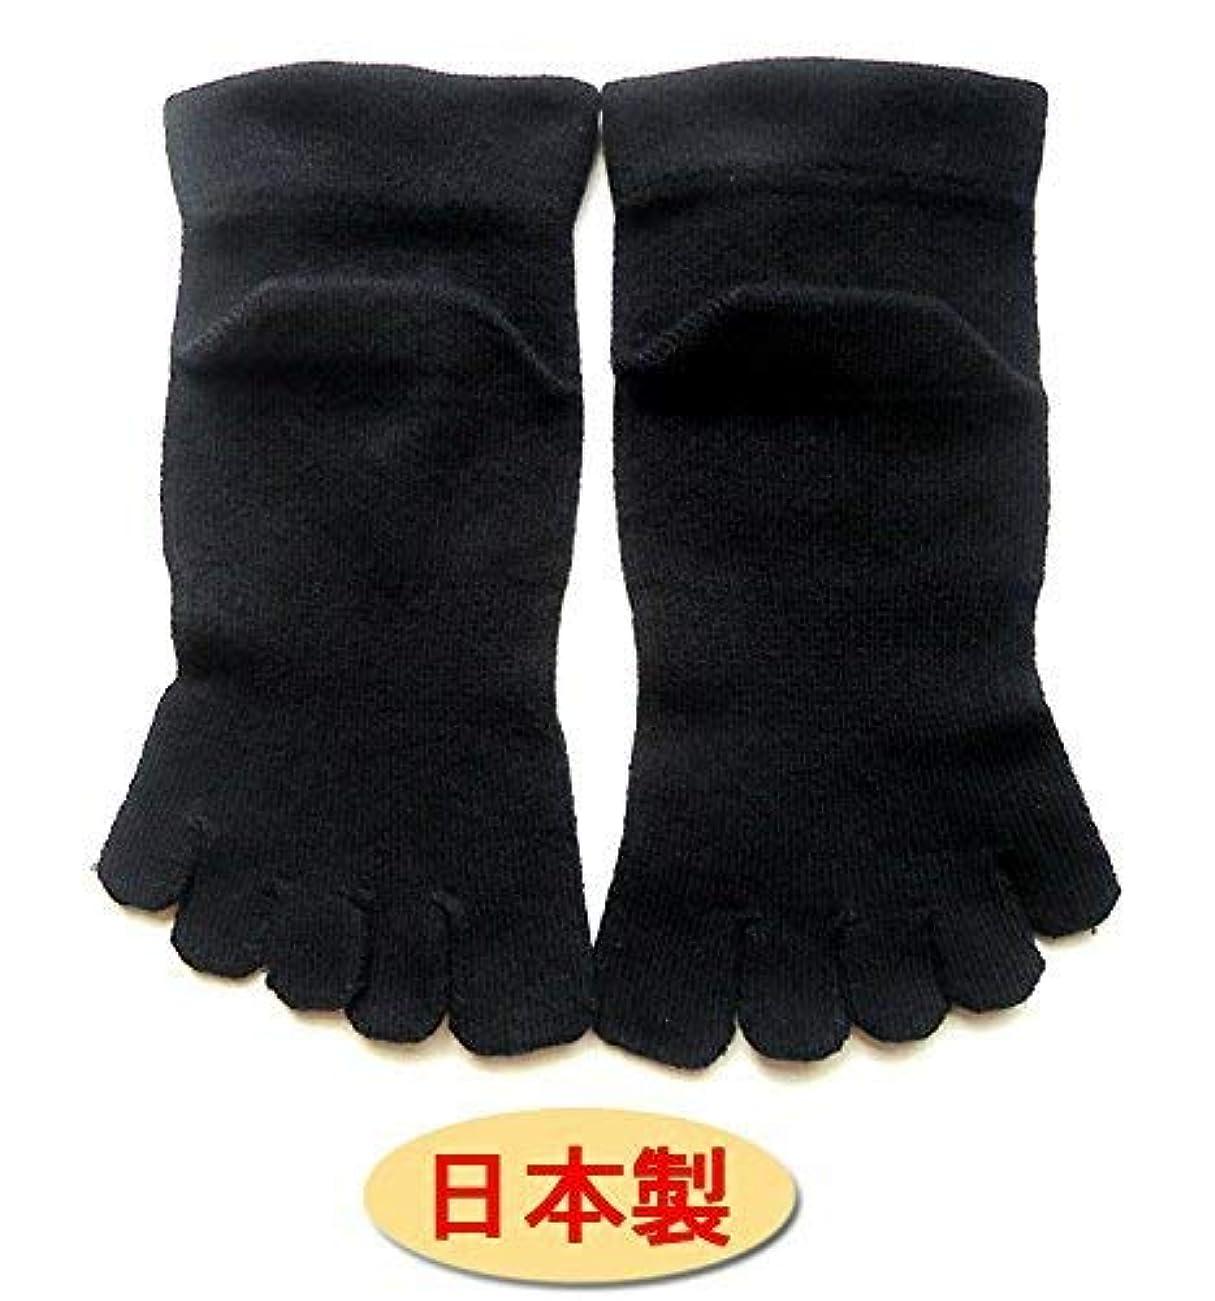 見出し神秘絶妙日本製 5本指ソックス レディース 爽やか表綿100% 口ゴムゆったり 22-24cm 3足組(黒色)